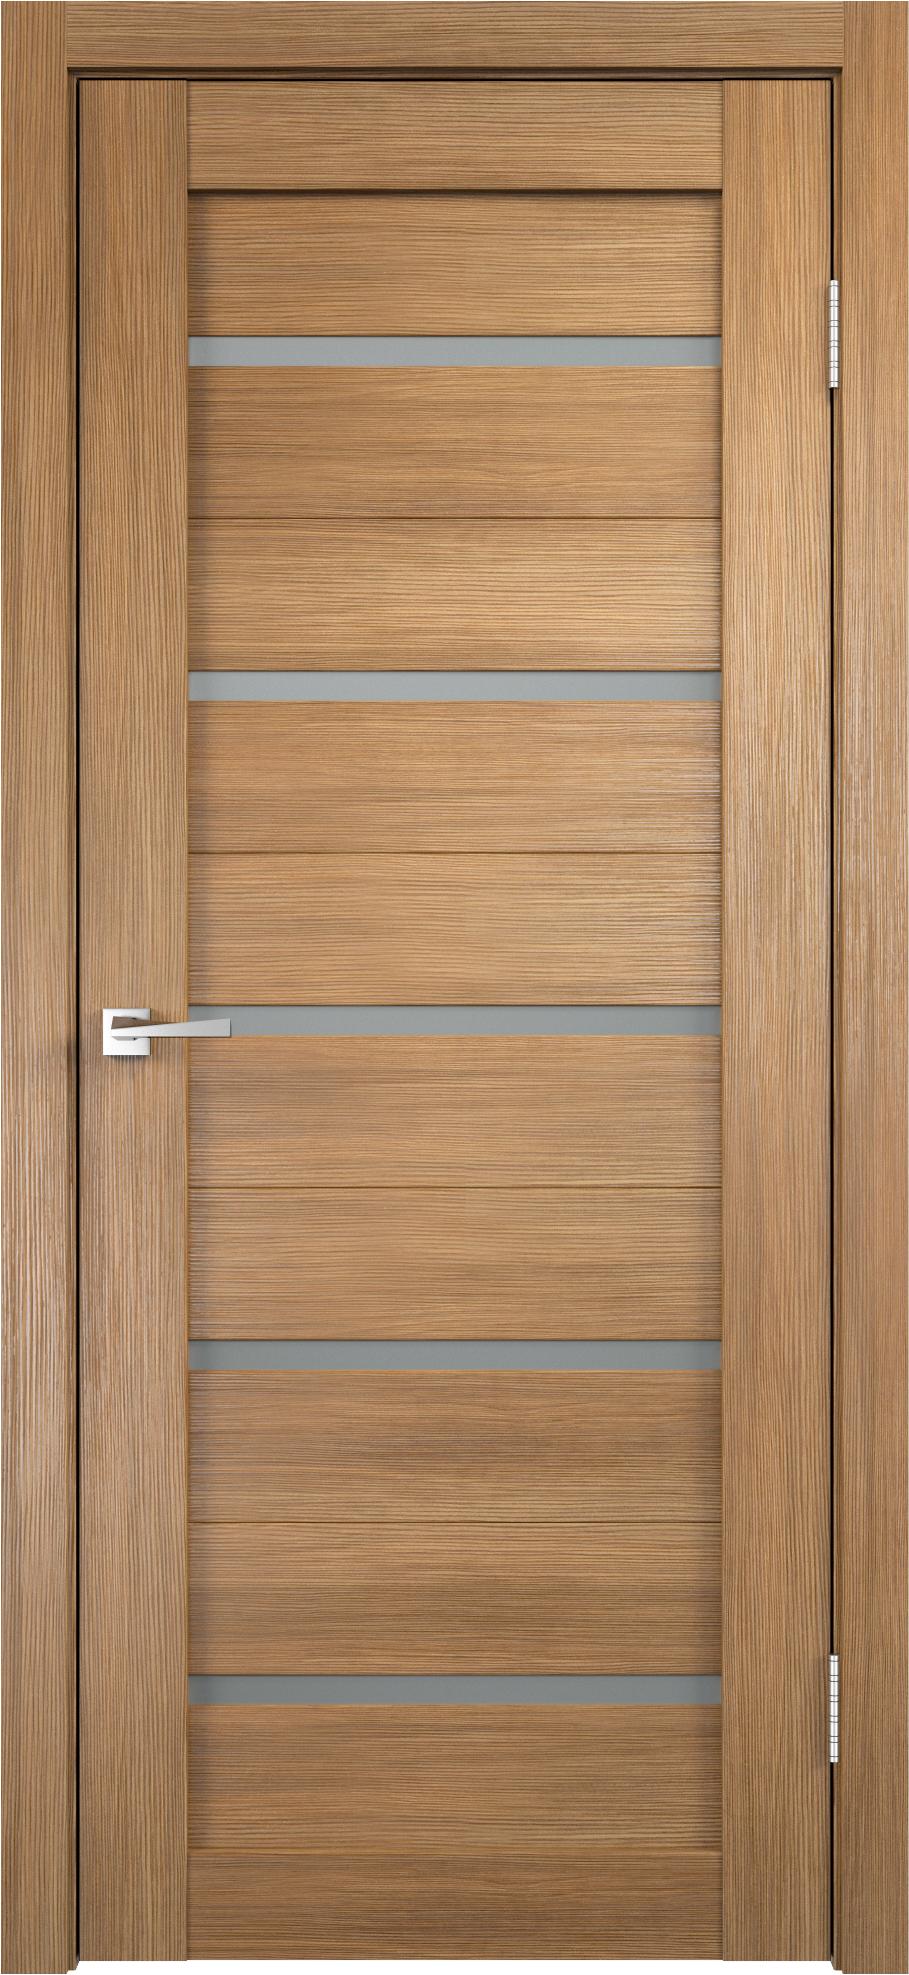 Дверь межкомнатная VELLDORRIS - DUPLEX 1 - золотой ДУБ (900мм) (экошпон)